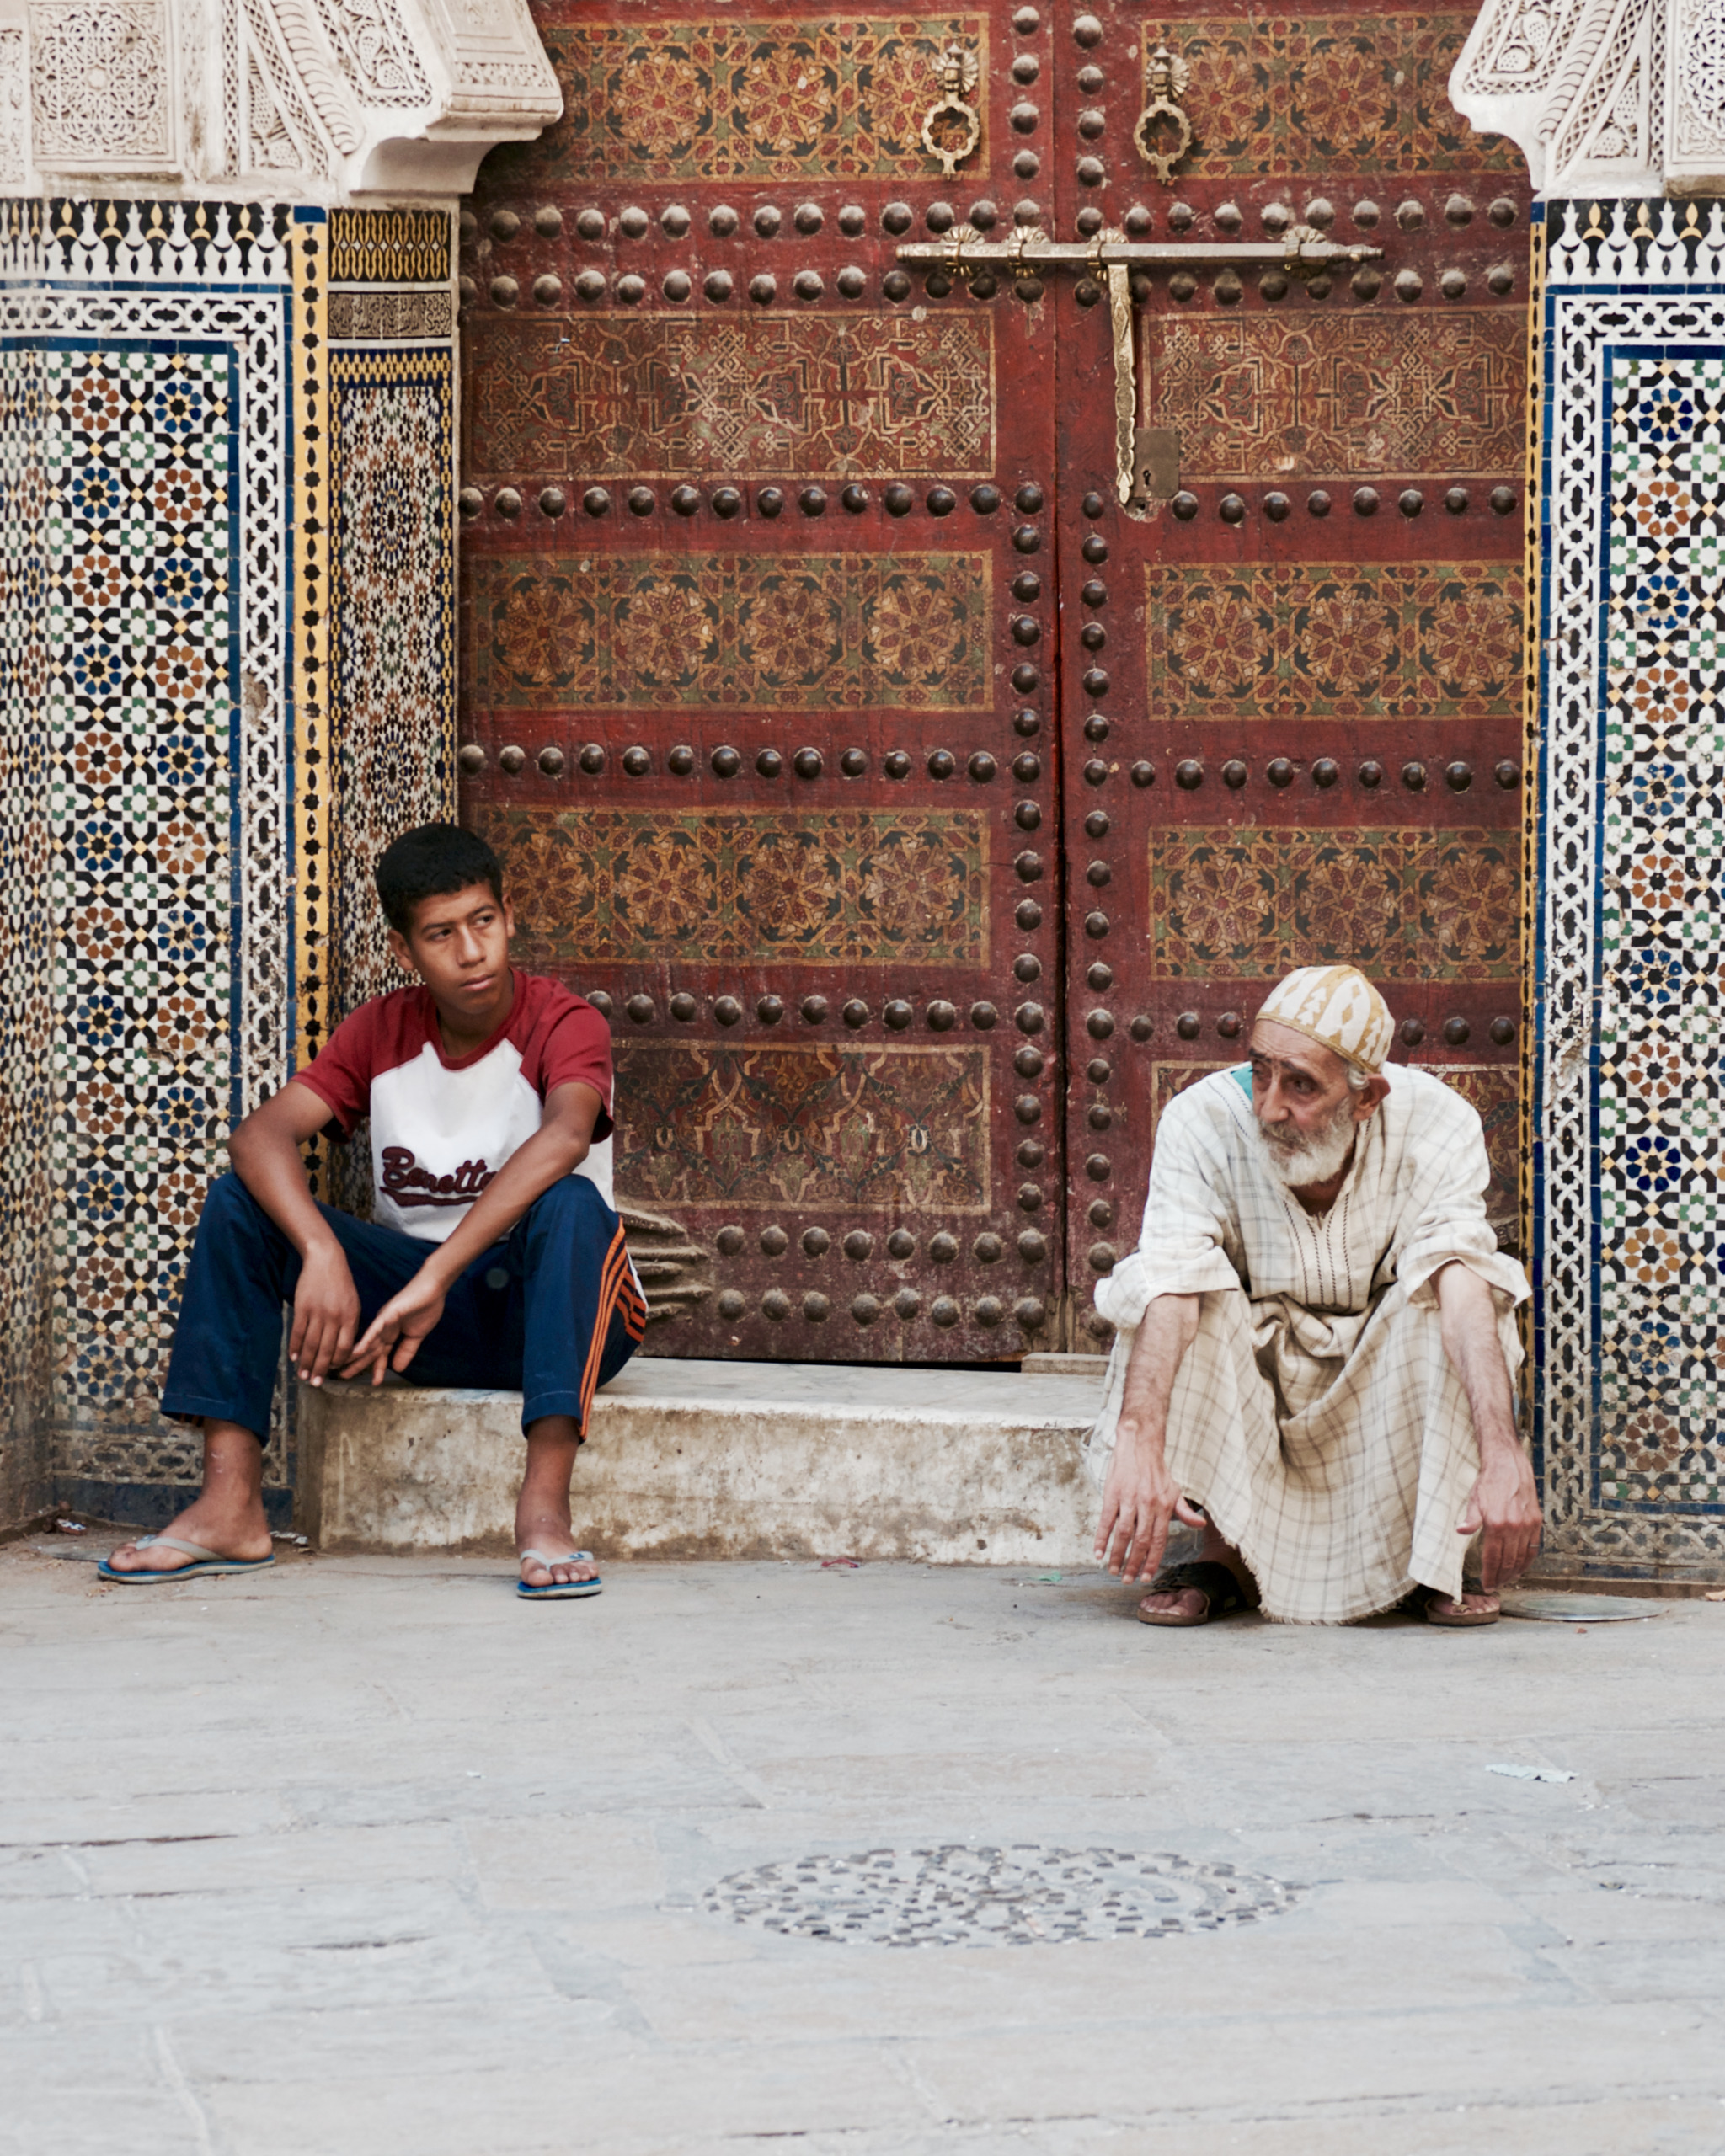 Mid morning (Morocco 2016 - dainahodgson | ello